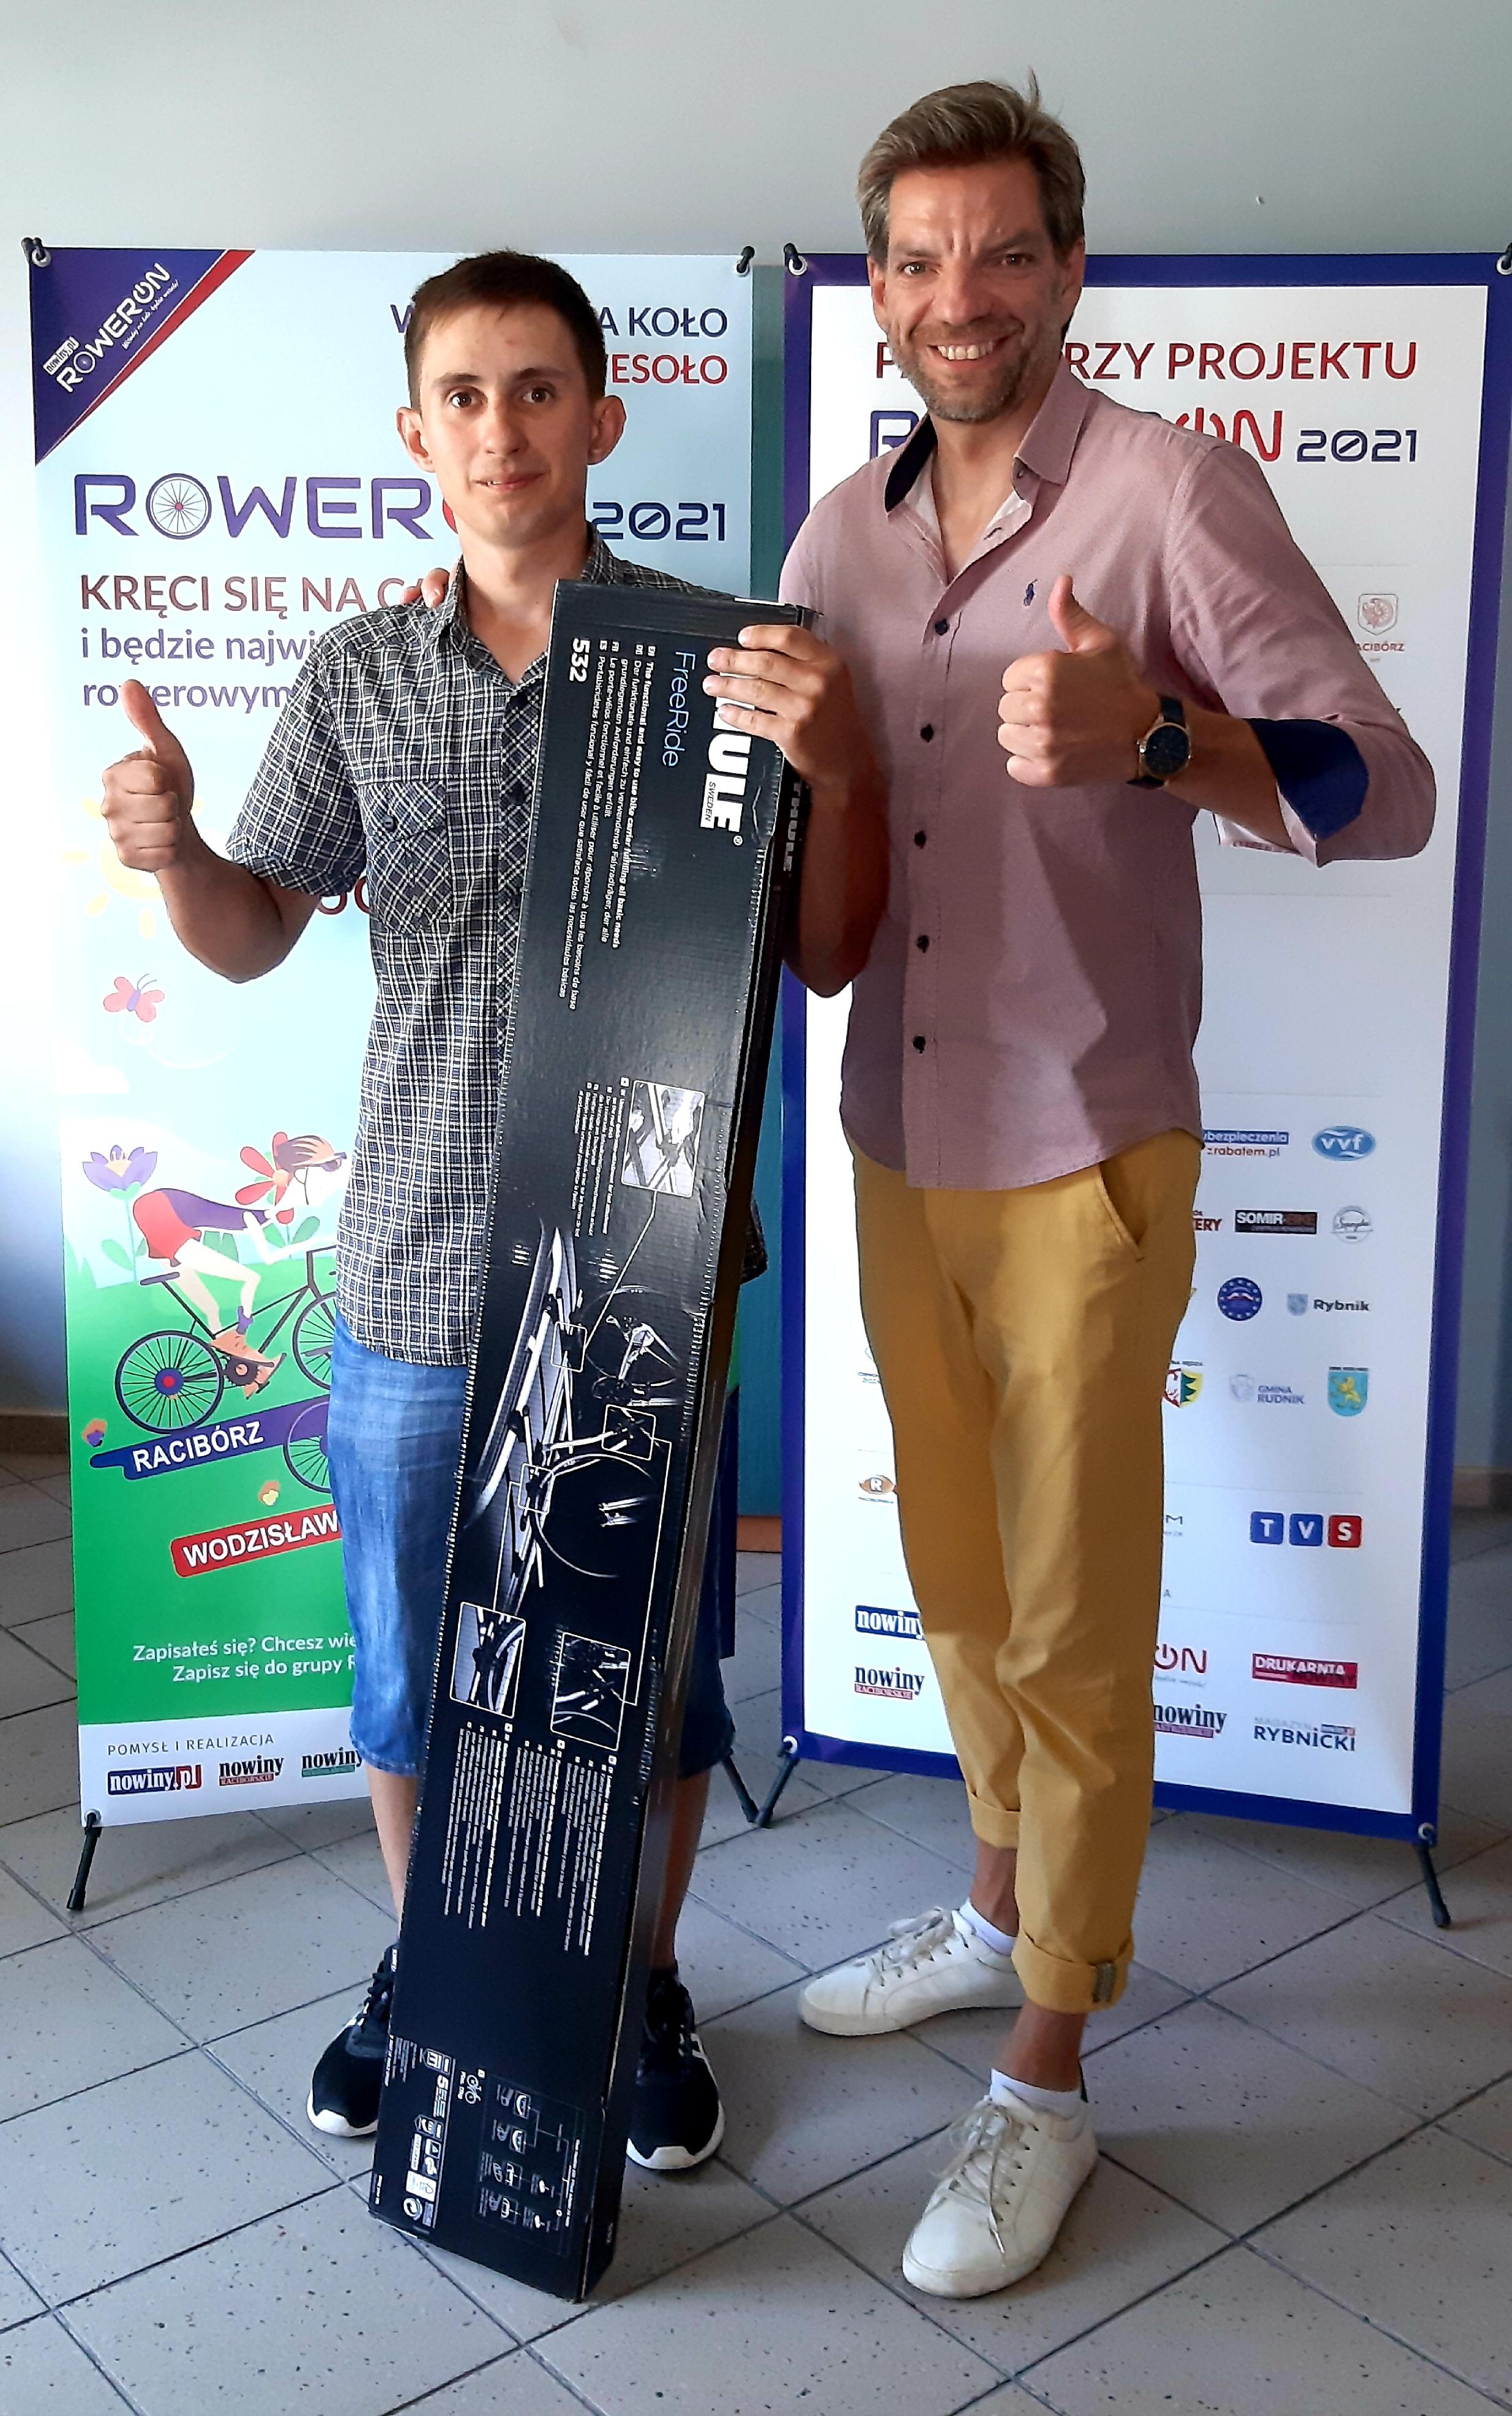 Mateusz Sieradzki to zwycięzca RowerON LONG Challenge 2021. W nagrodę otrzymał od nas bagażnik dachowy THULE FREERIDE 532. Sponsorem nagrody jest firma CAMPBOX z Raciborza. Na zdjęciu razem z Markiem Kuderem - szefem biura reklamy Nowin, który wręczył mu nagrodę.